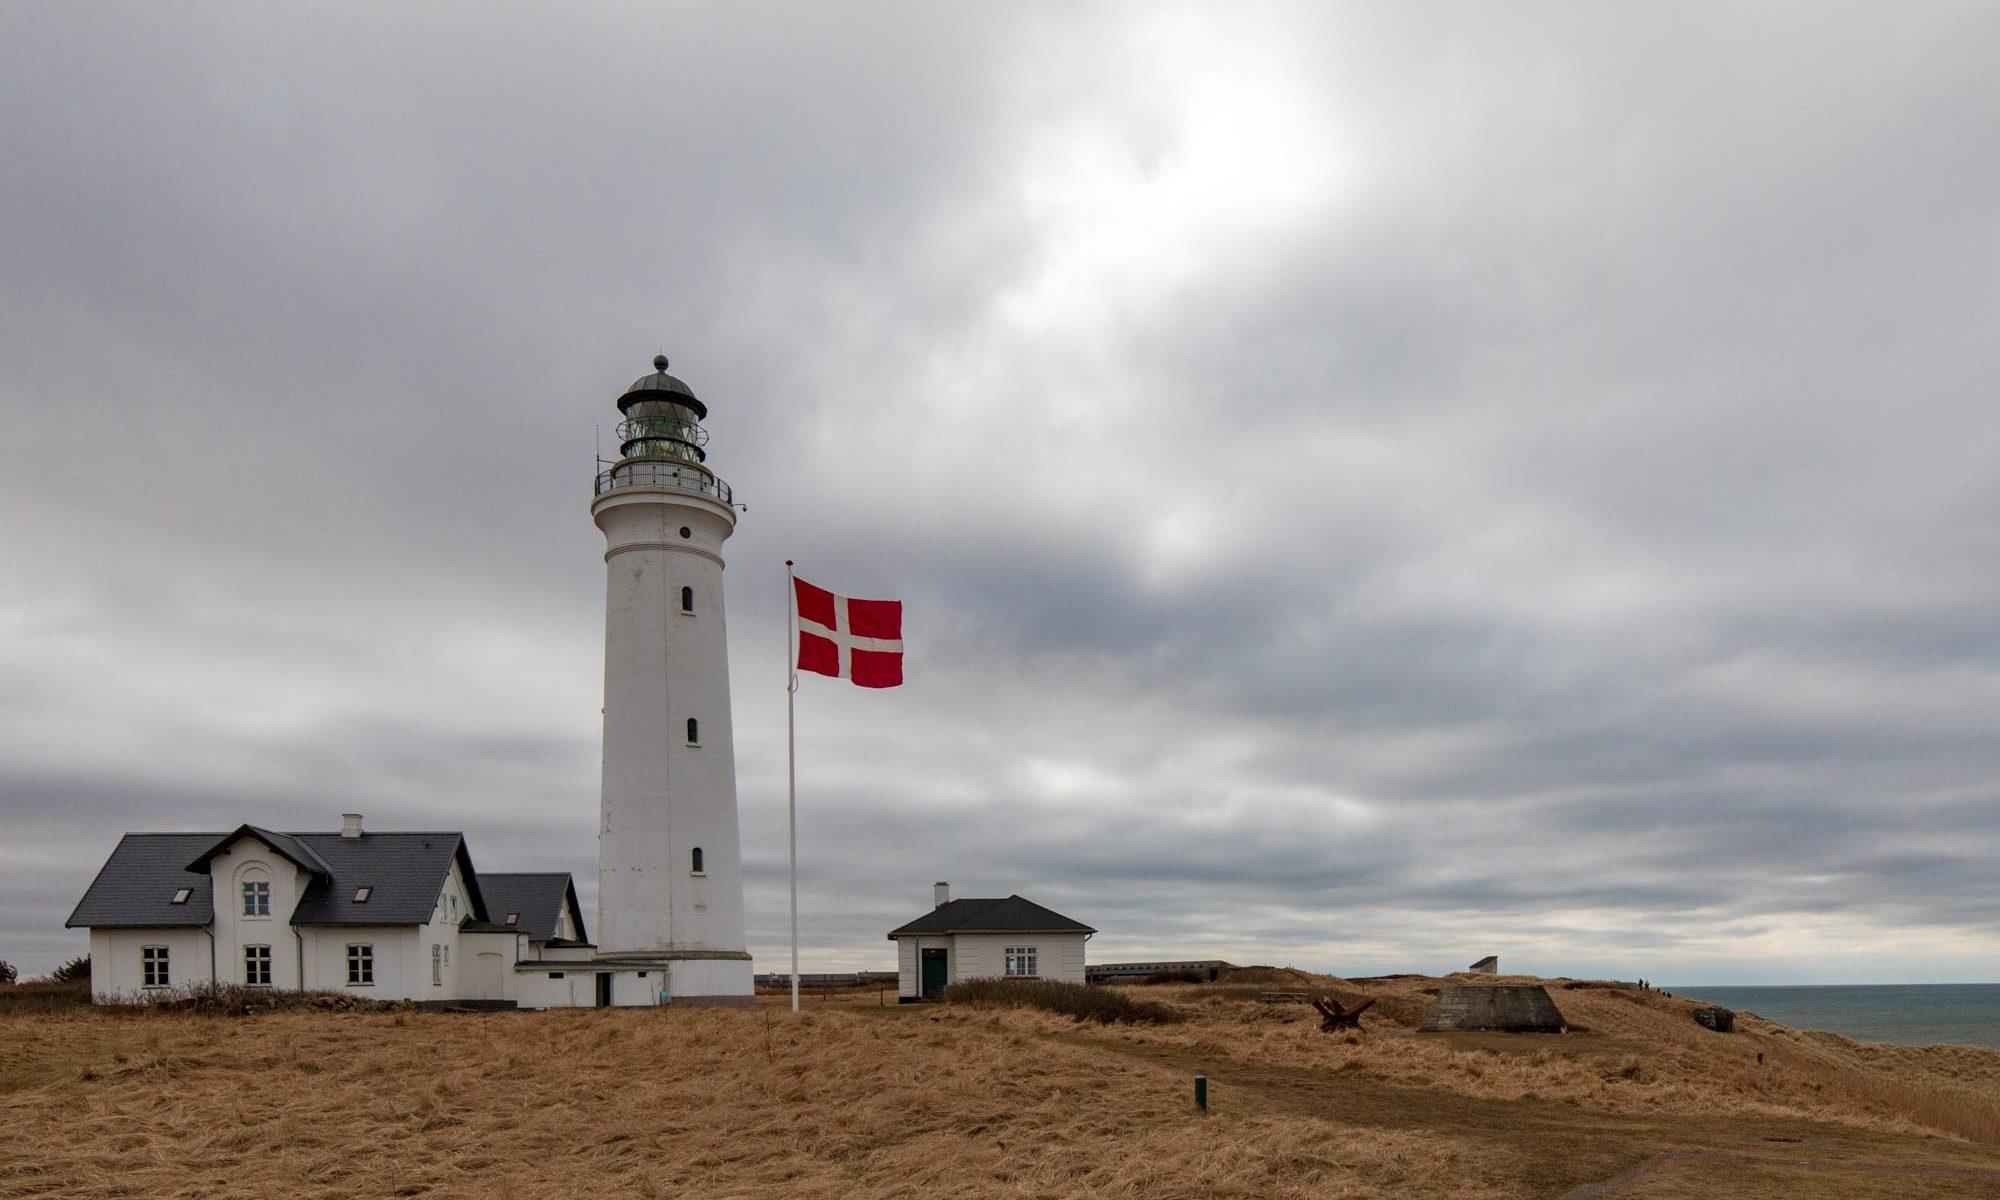 Leuchtturm der dänischen Stadt Hirtshals.